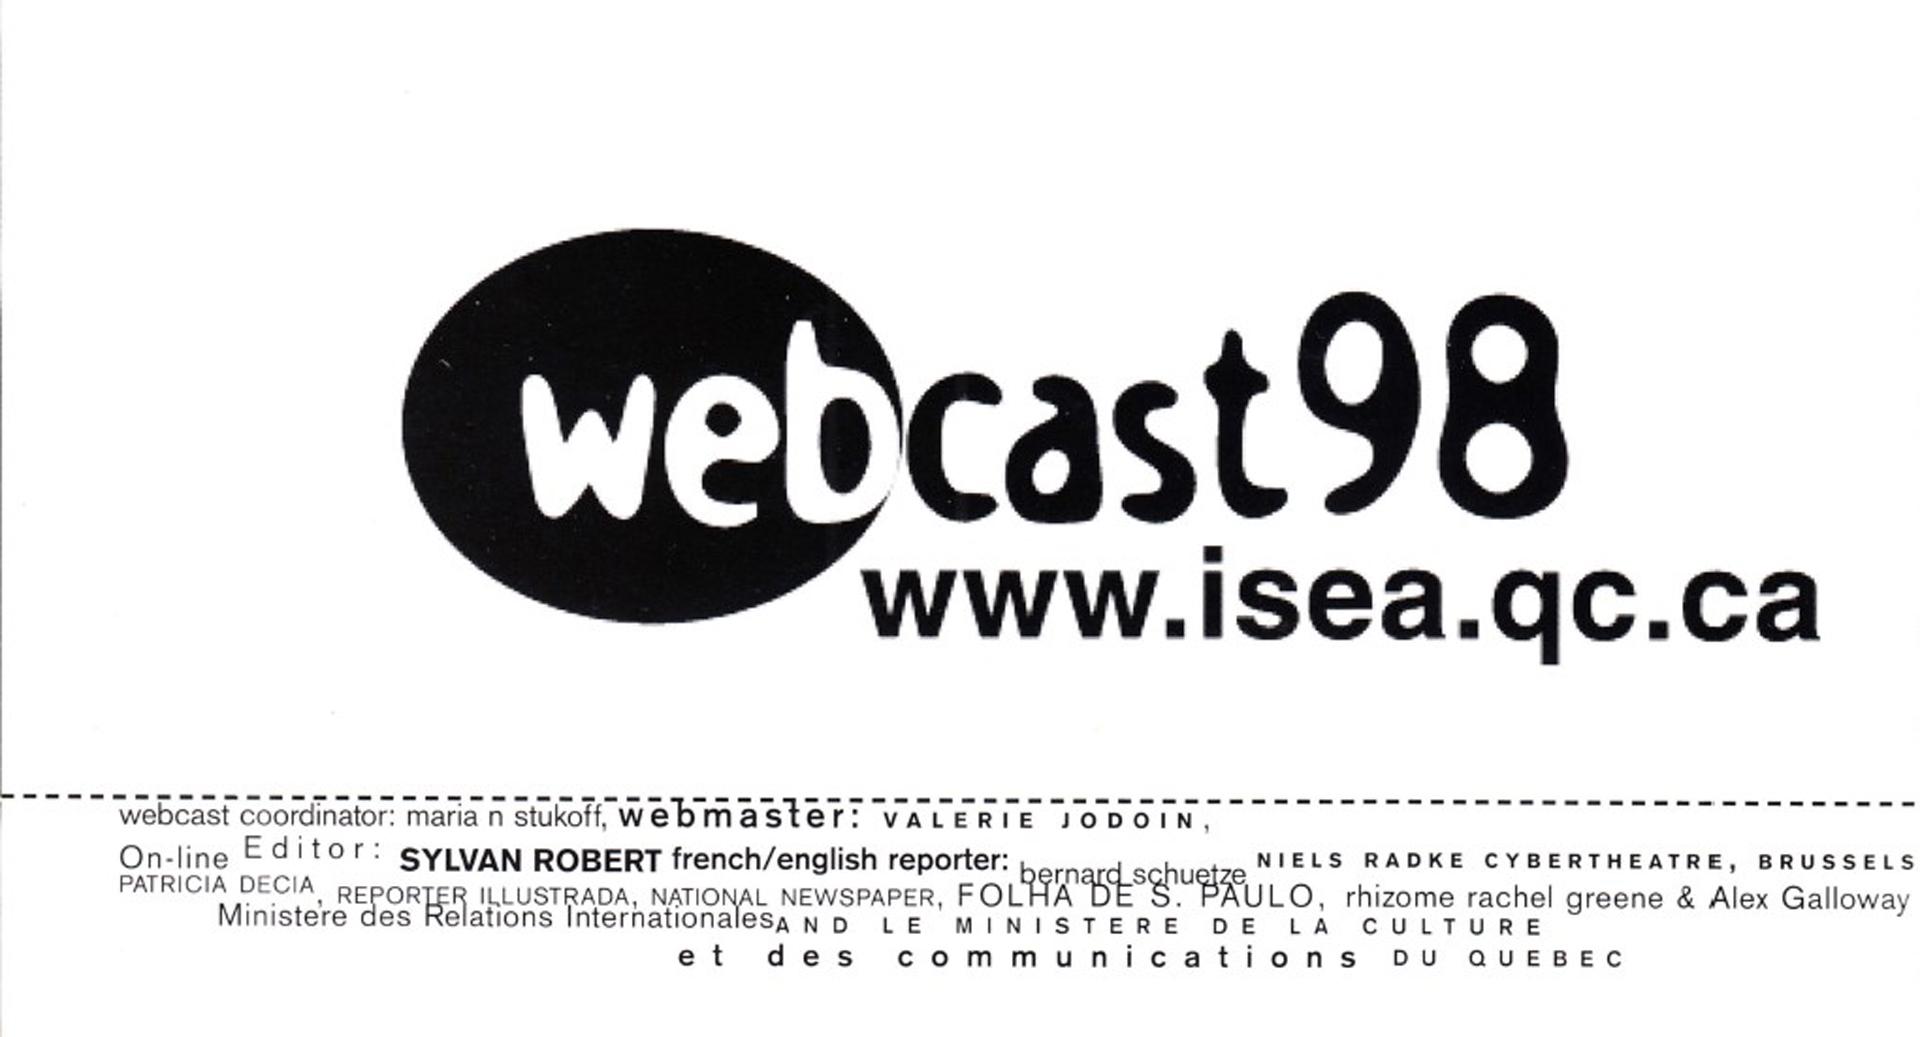 ©, ISEA HQ, ISEA98 Webcast